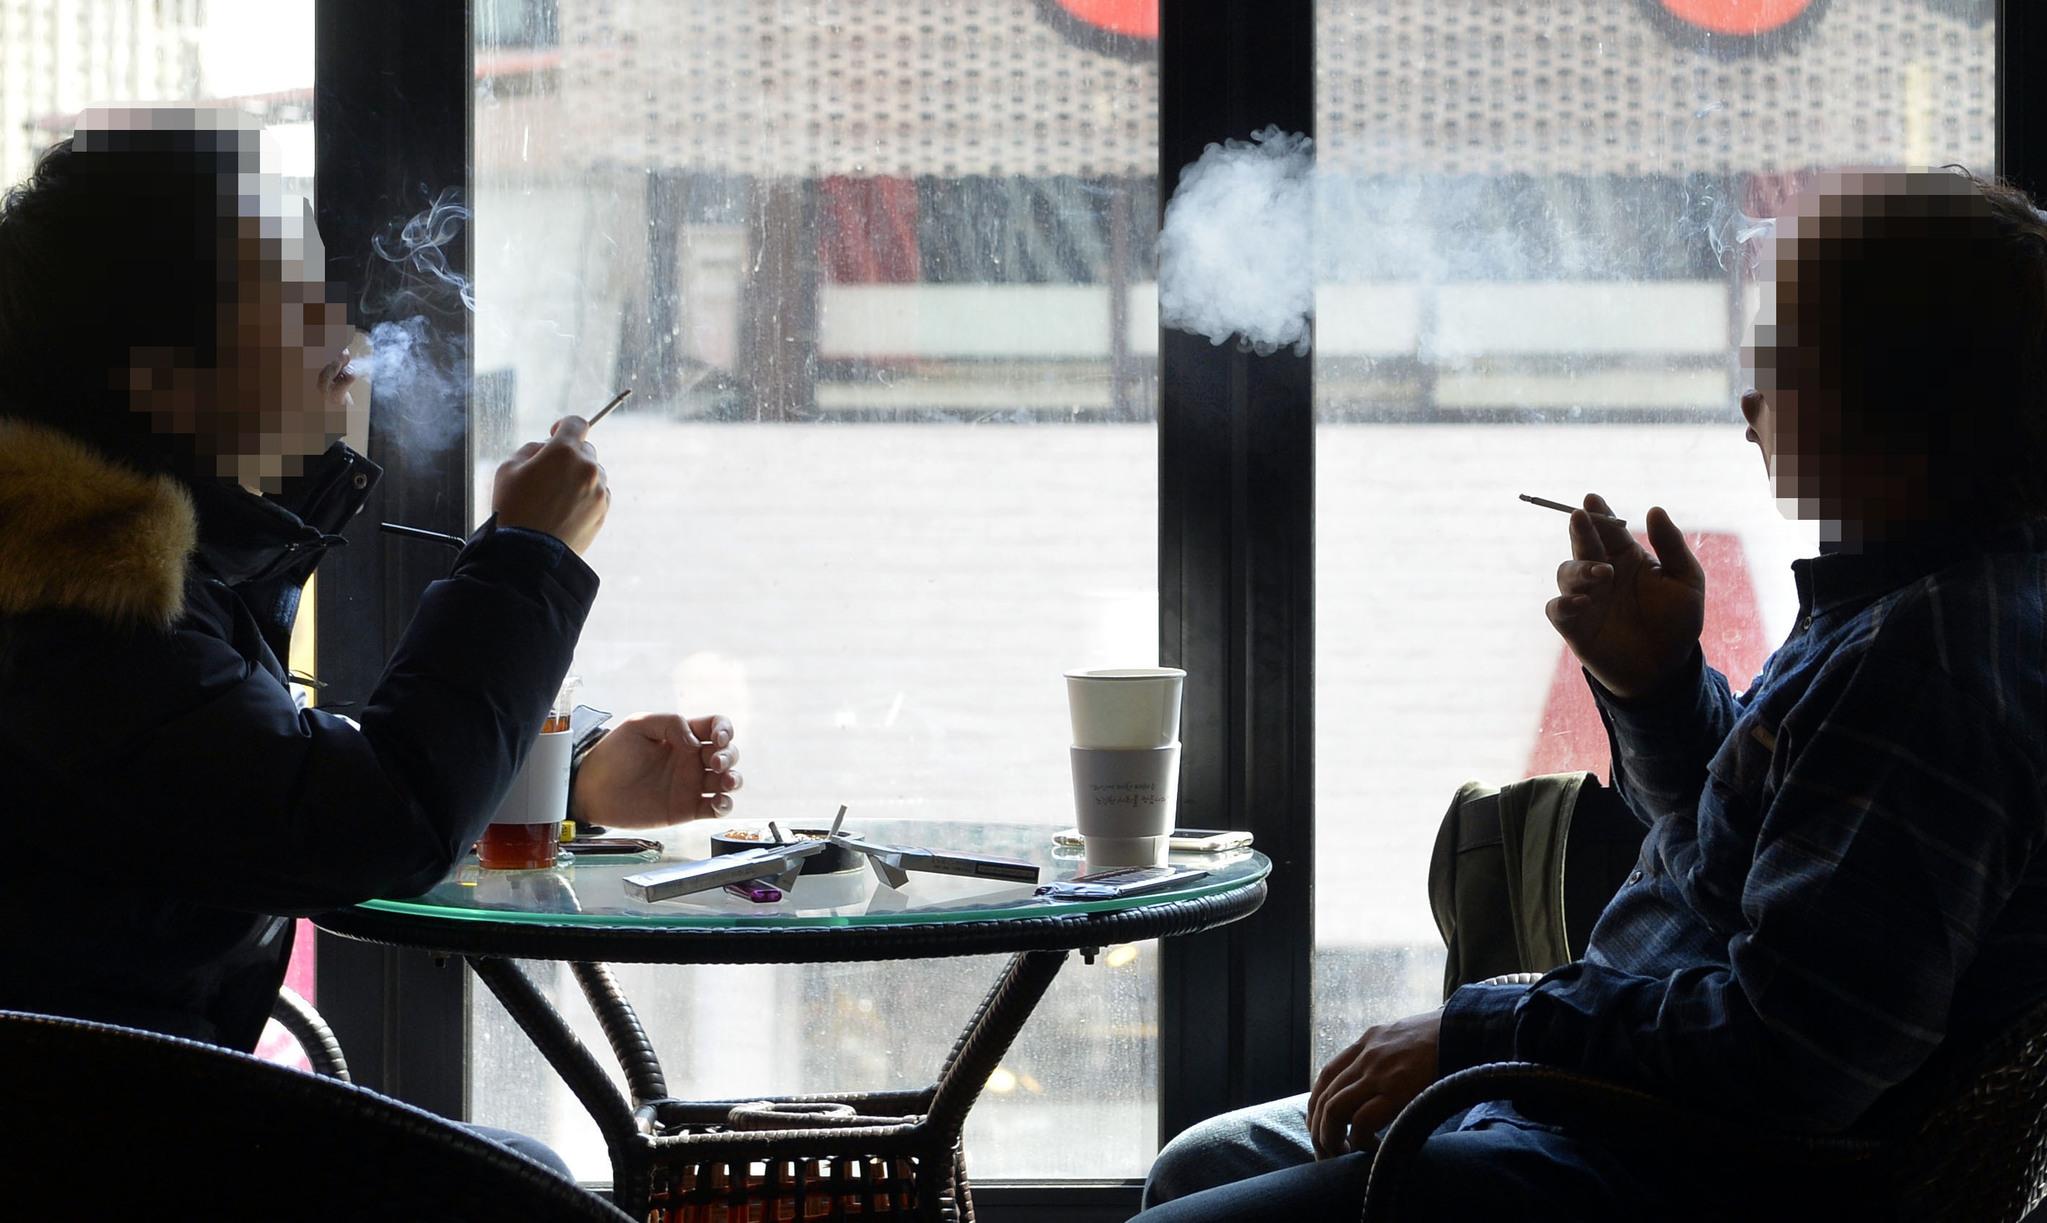 대전시 서구의 한 흡연카페에서 손님들이 담배를 피우며 이야기를 나누고 있다. 대전=프리랜서 김성태